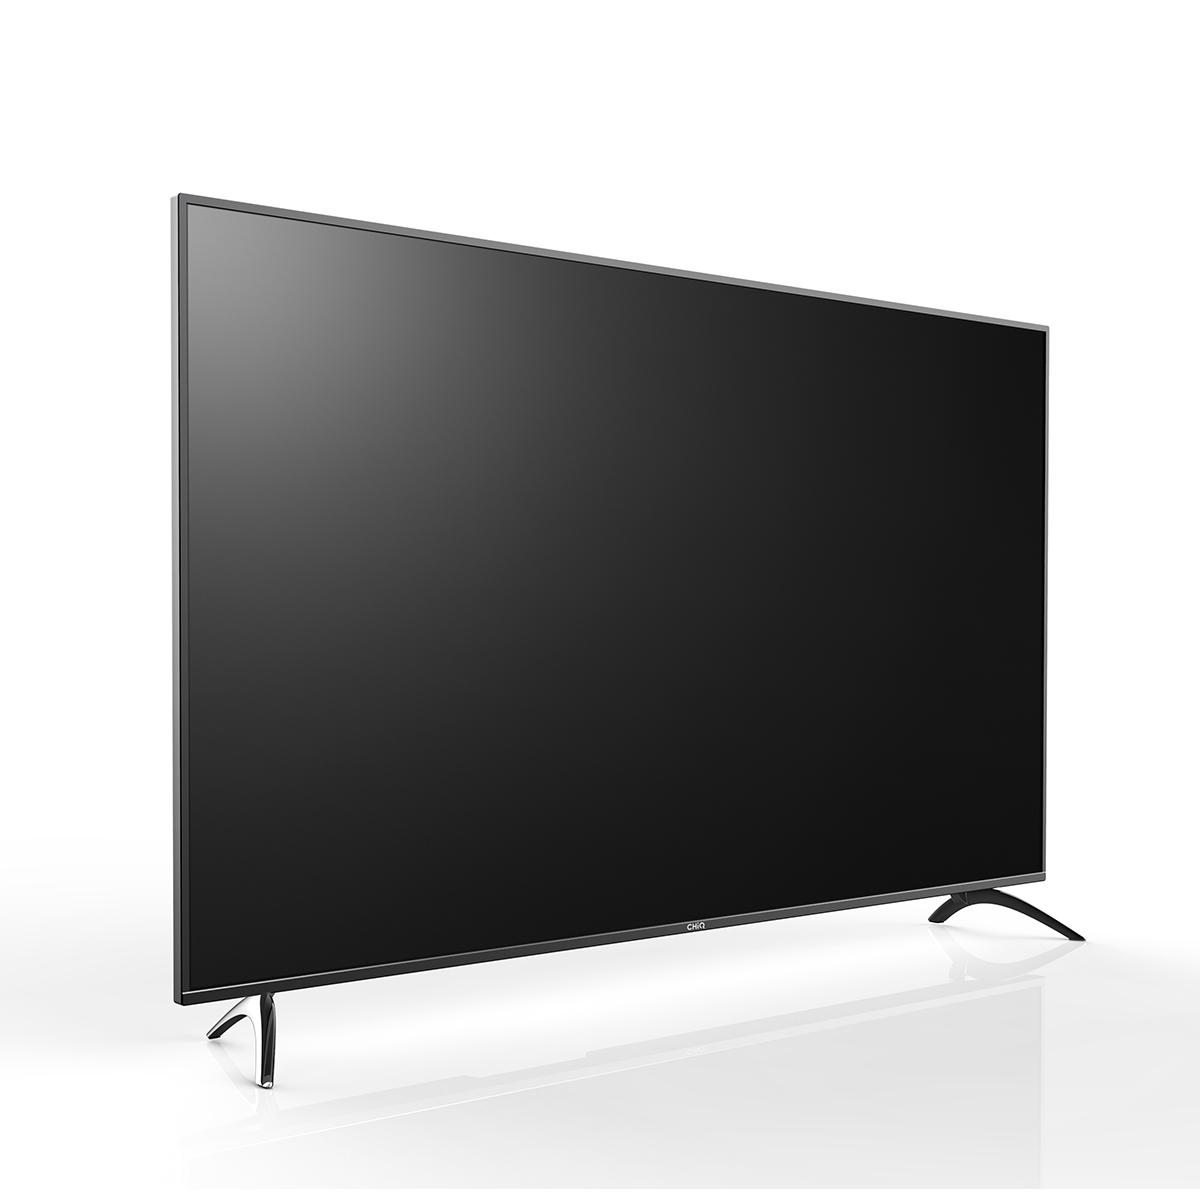 长虹(CHANGHONG)55Q3T 55英寸超轻薄全程4K超清智能液晶平板电视